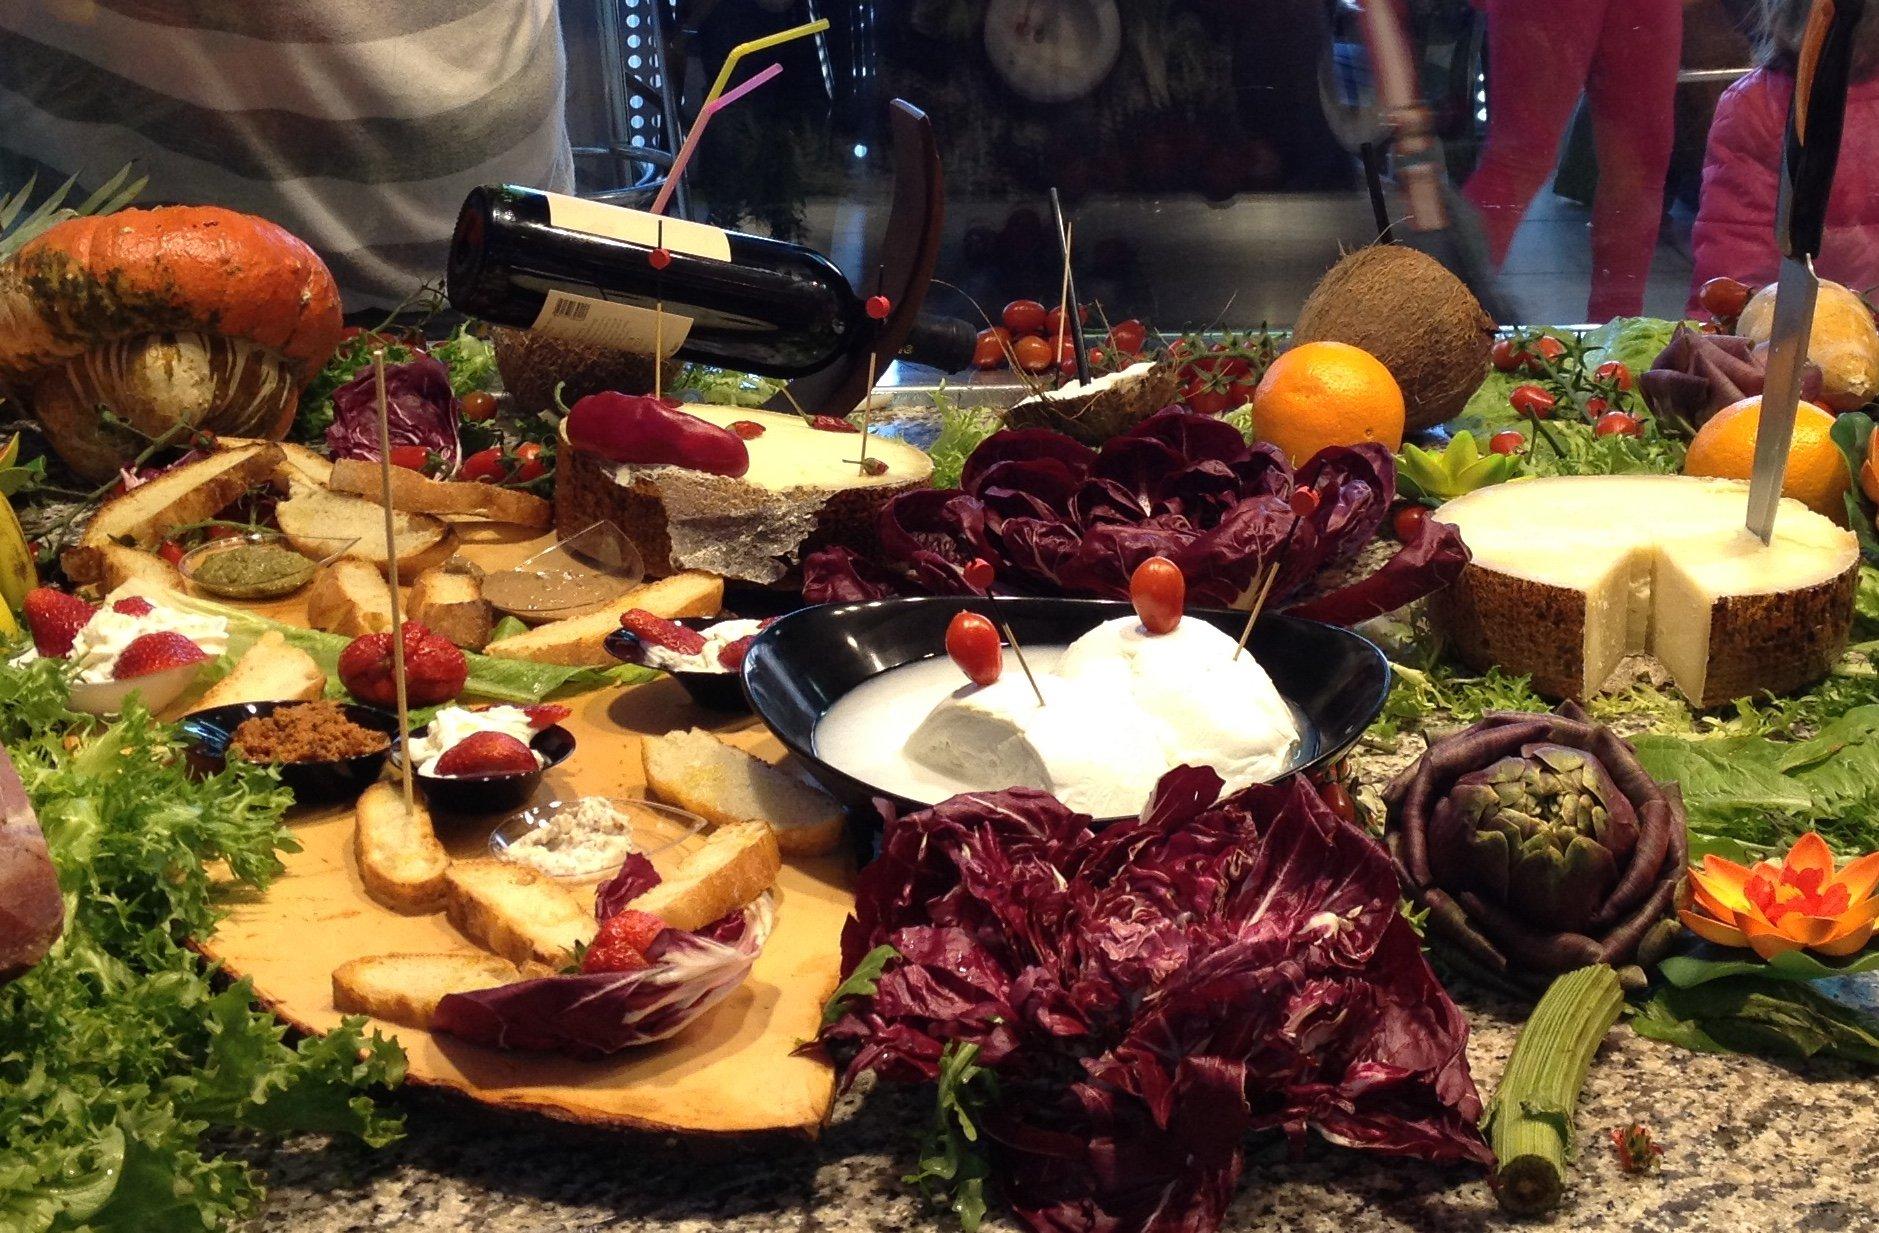 un piatto con verdure, insalata, uovo sodo e formaggio